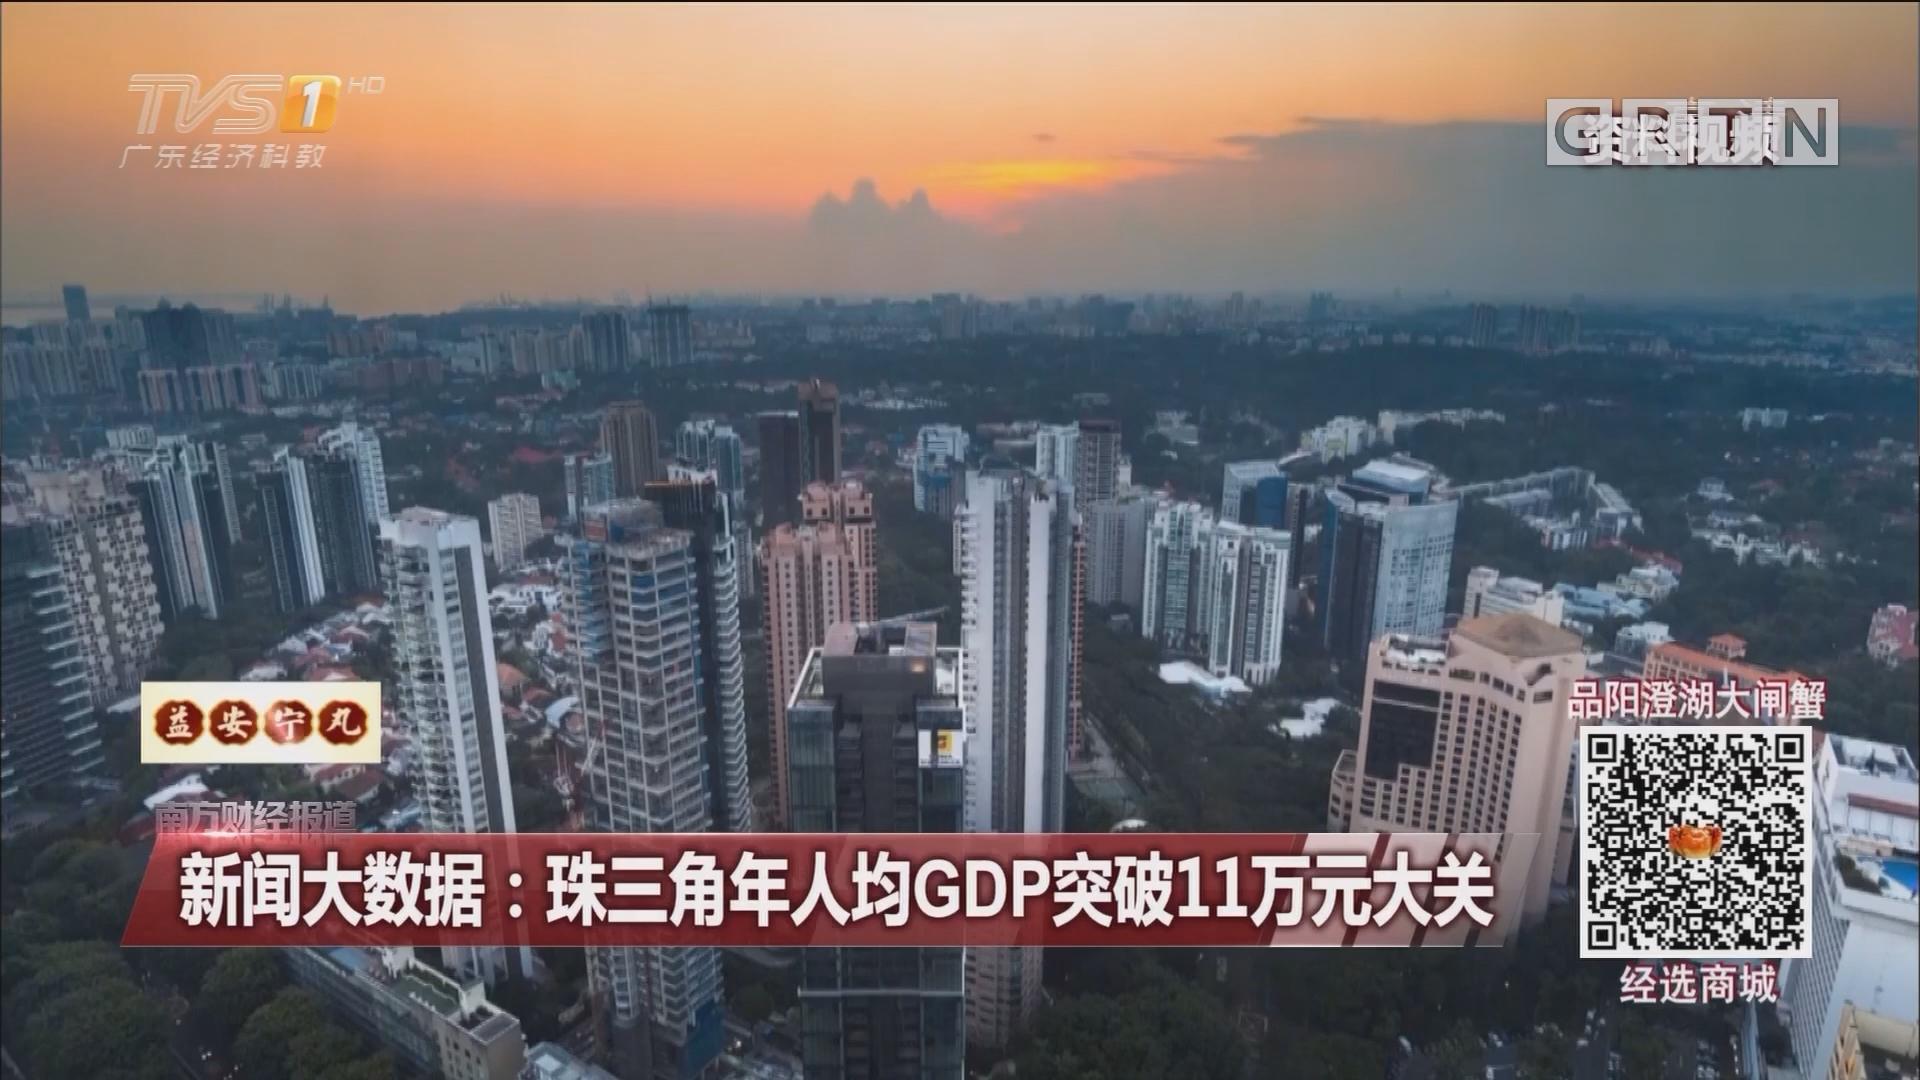 新闻大数据:珠三角年人均GDP突破11万元大关